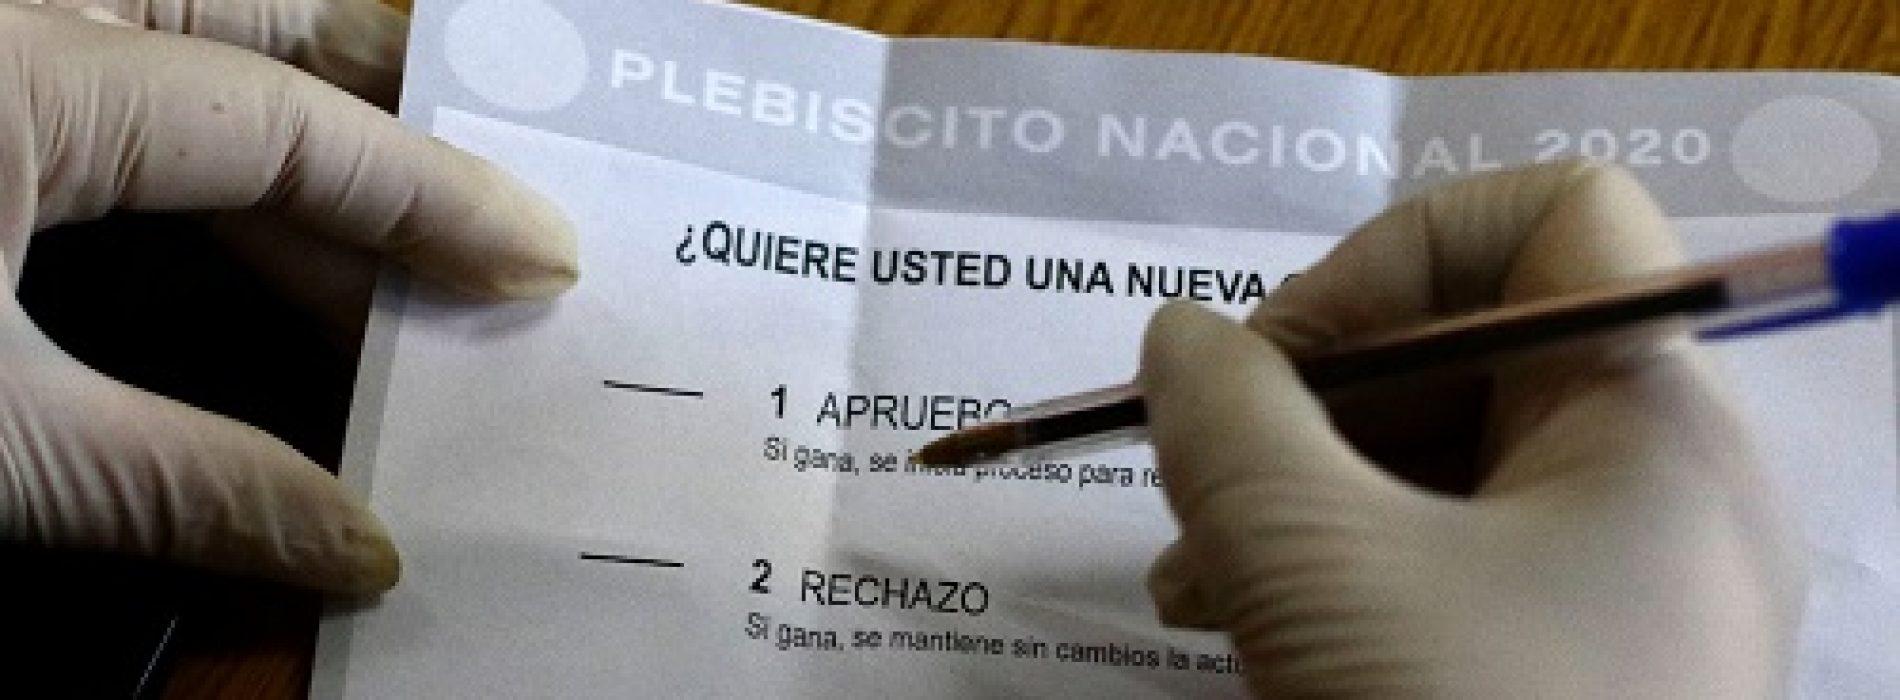 A un mes del Plebiscito, encuesta FIEL-MORI confirma masiva participación electoral